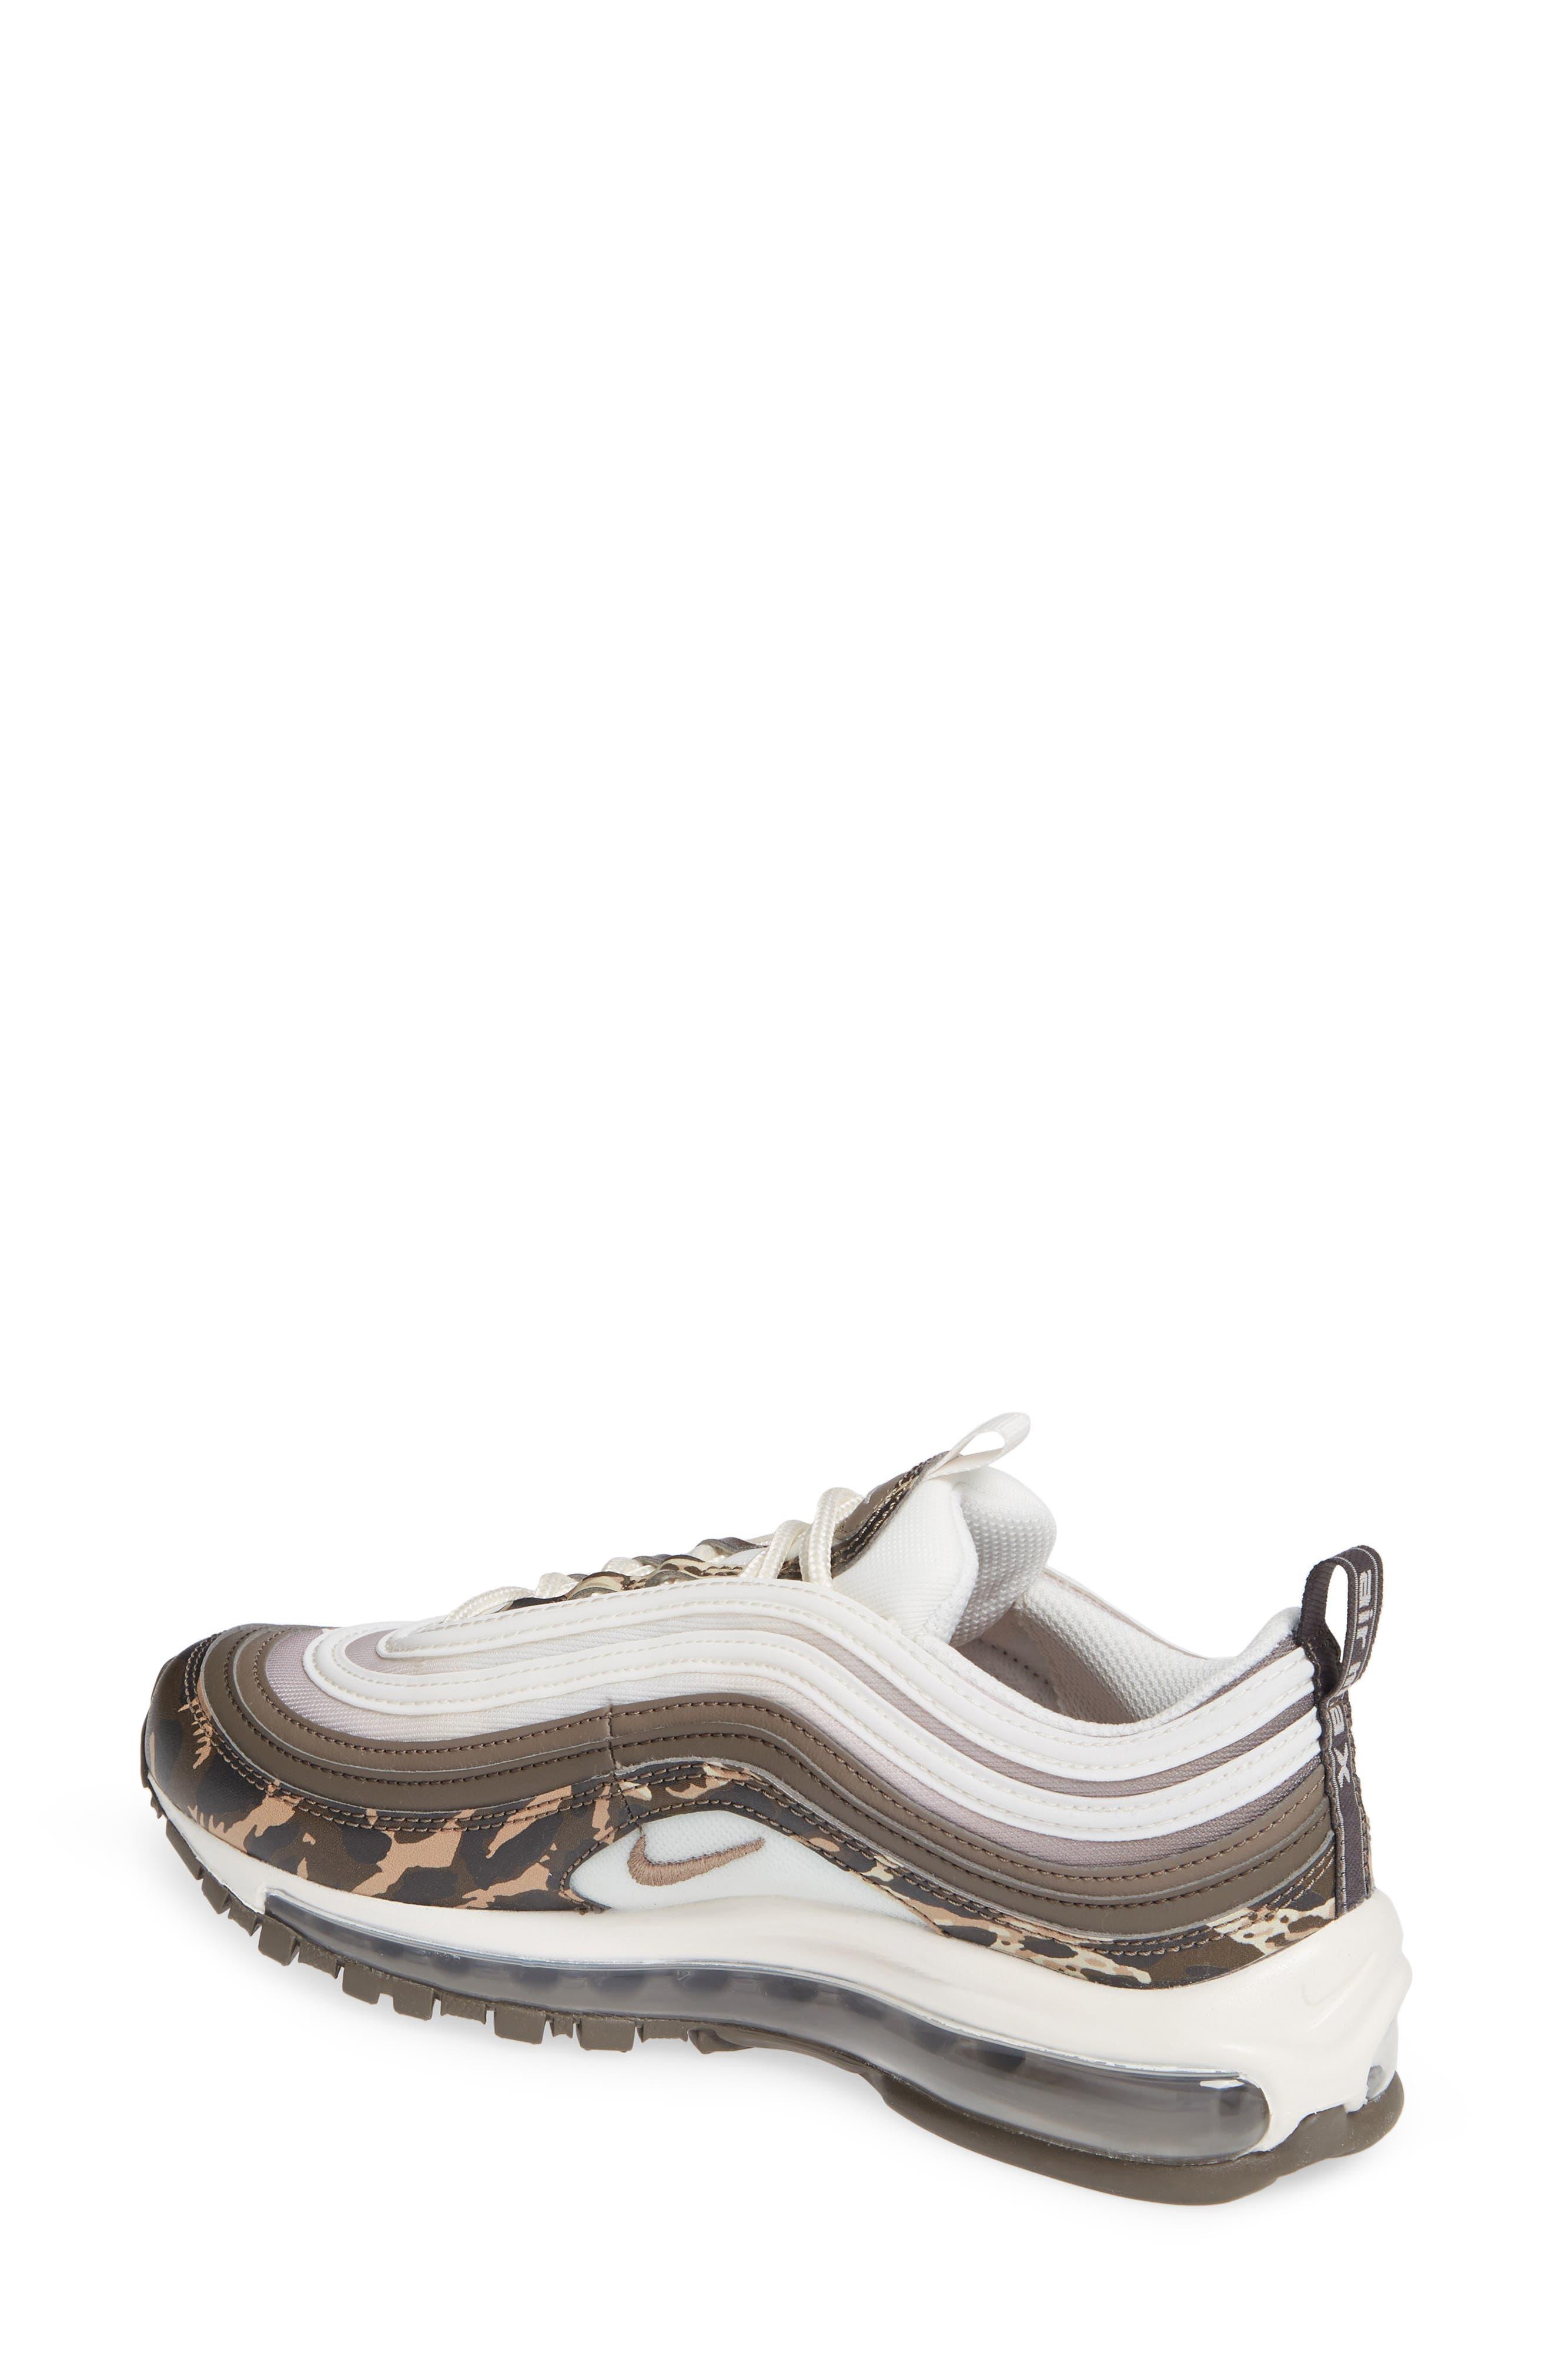 Air Max 97 Premium Sneaker,                             Alternate thumbnail 2, color,                             BROWN/ PHANTOM